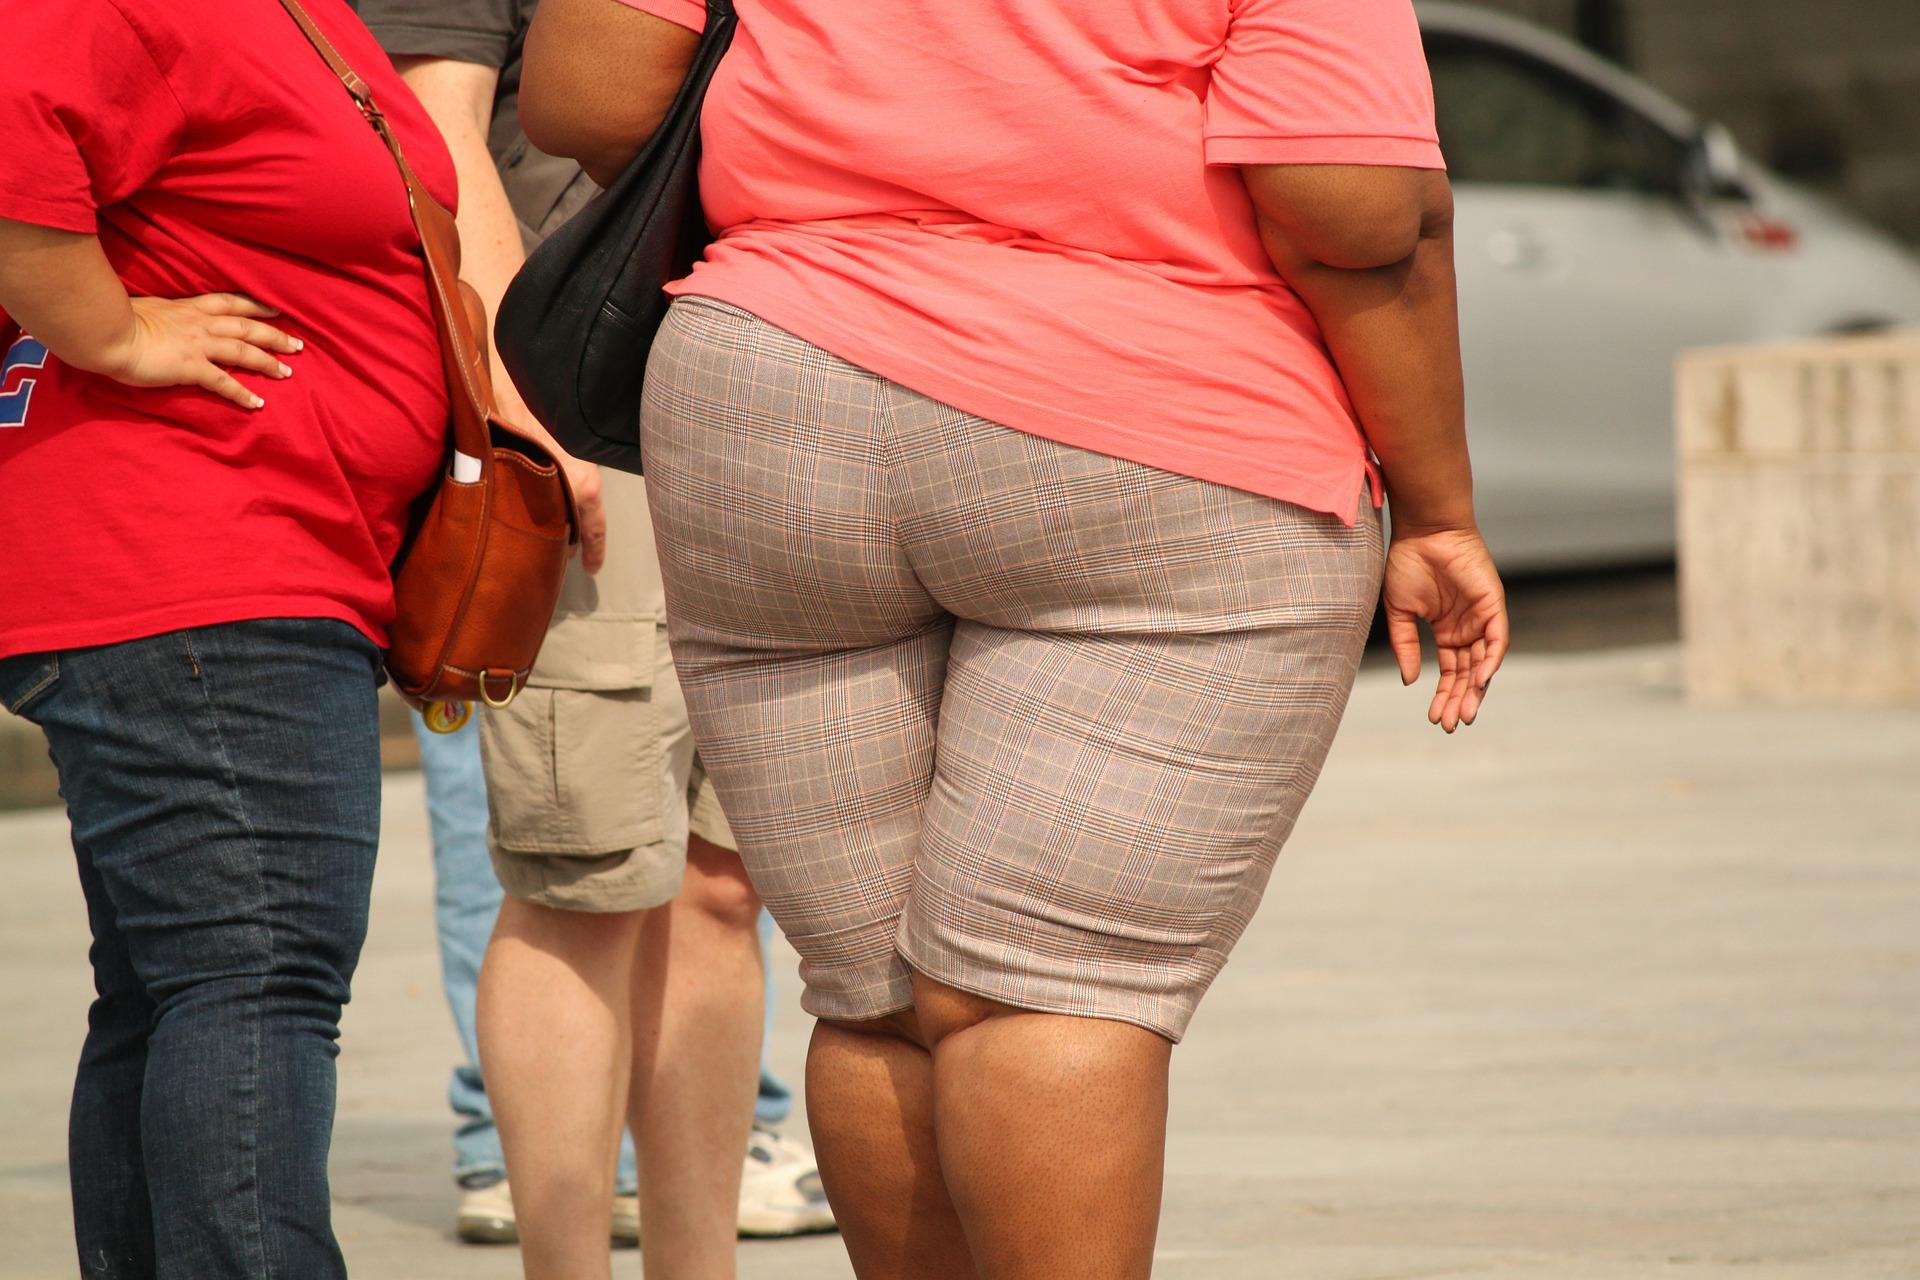 tratamiento-medico-para-la-obesidad